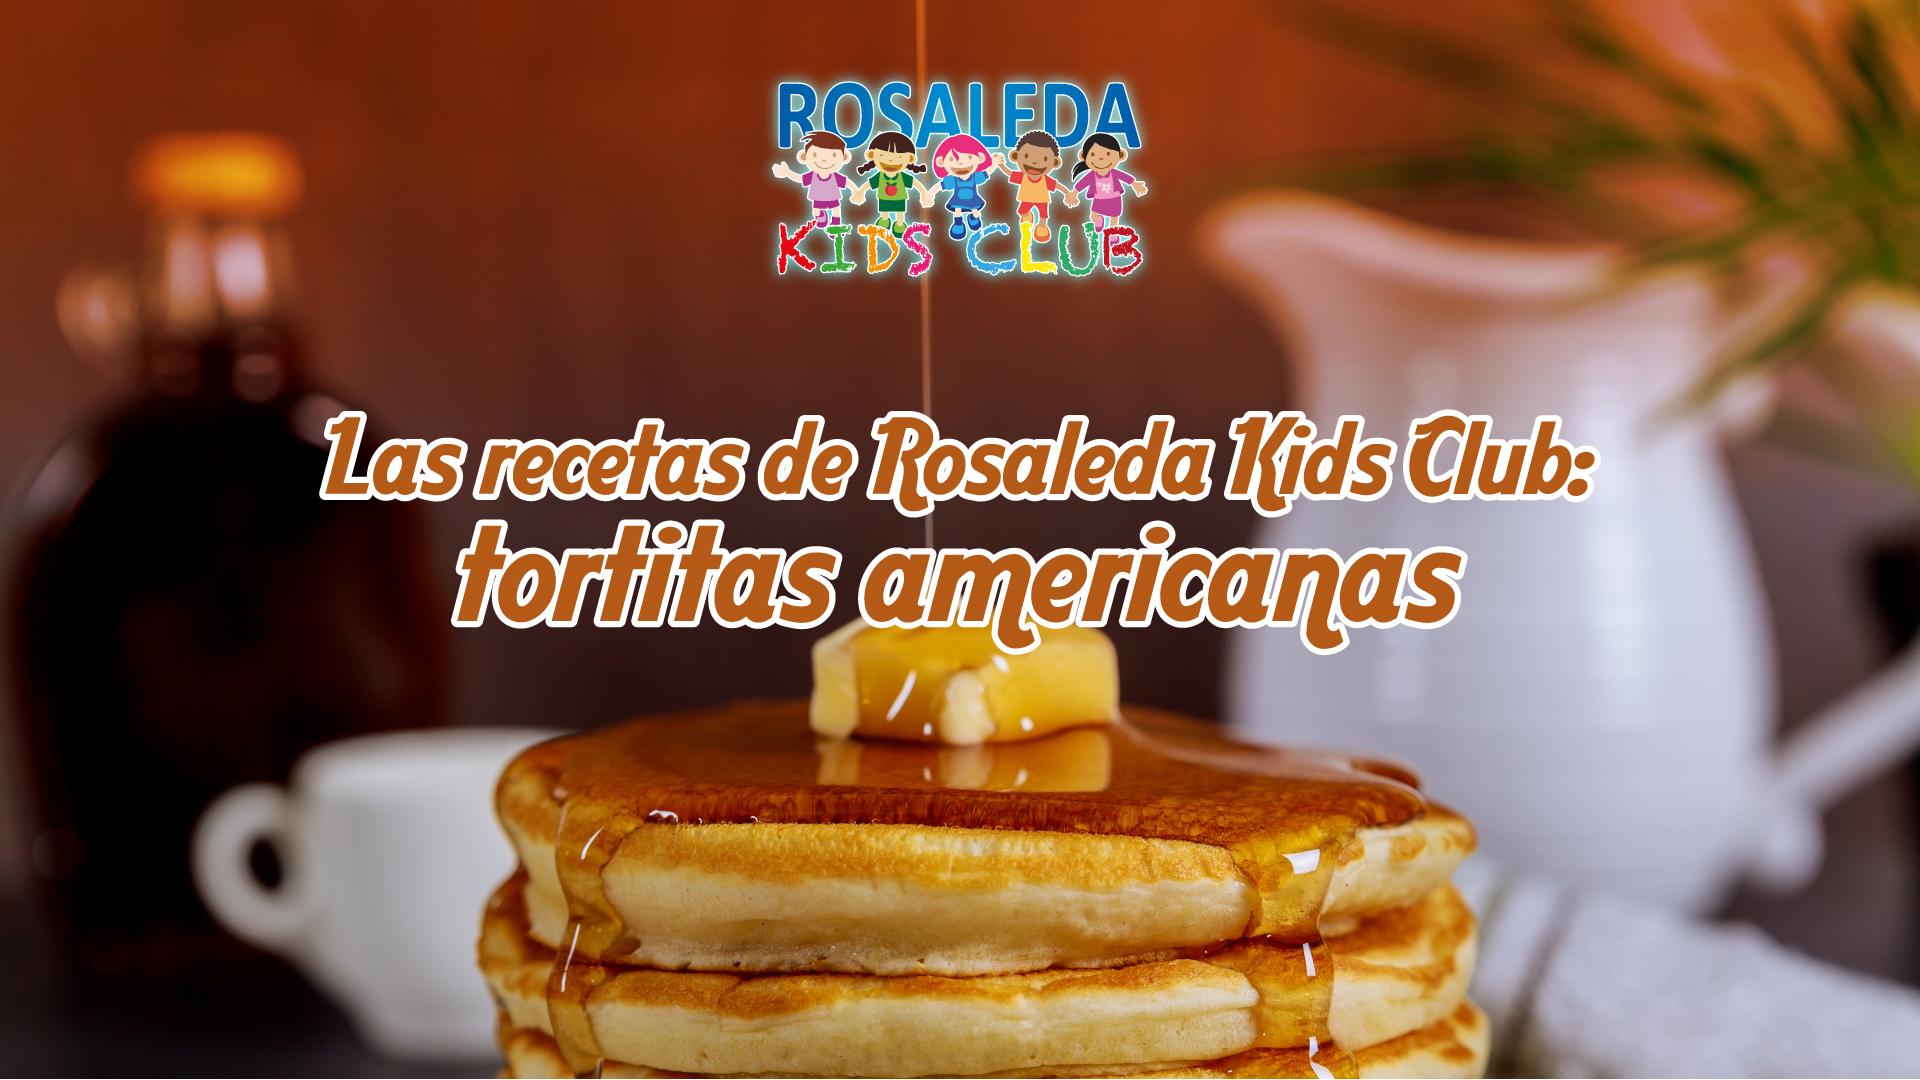 Las recetas de Rosaleda Kids Club: tortitas americanas